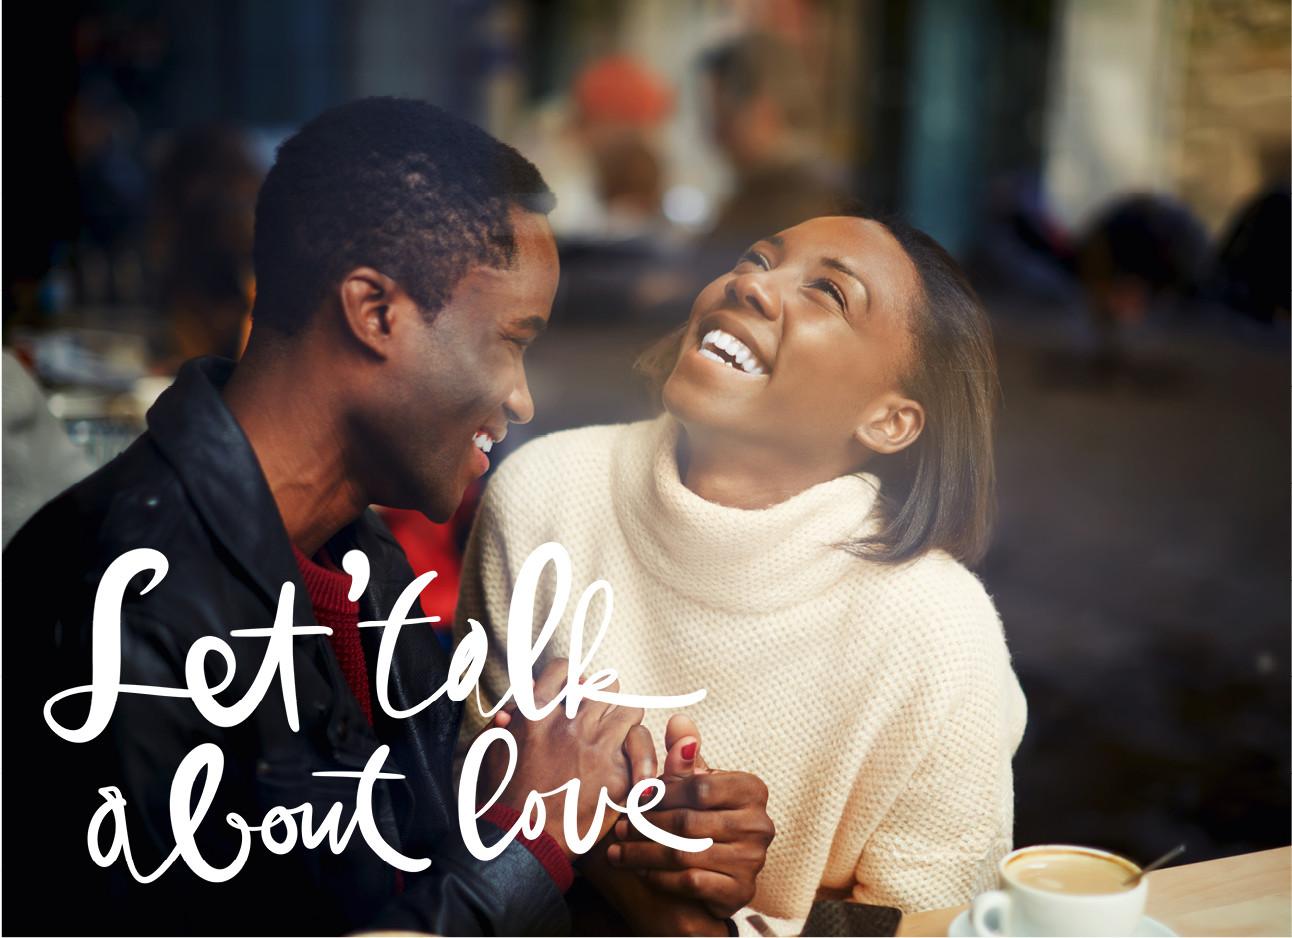 een koppel dat samen lachend in een cafe zitten